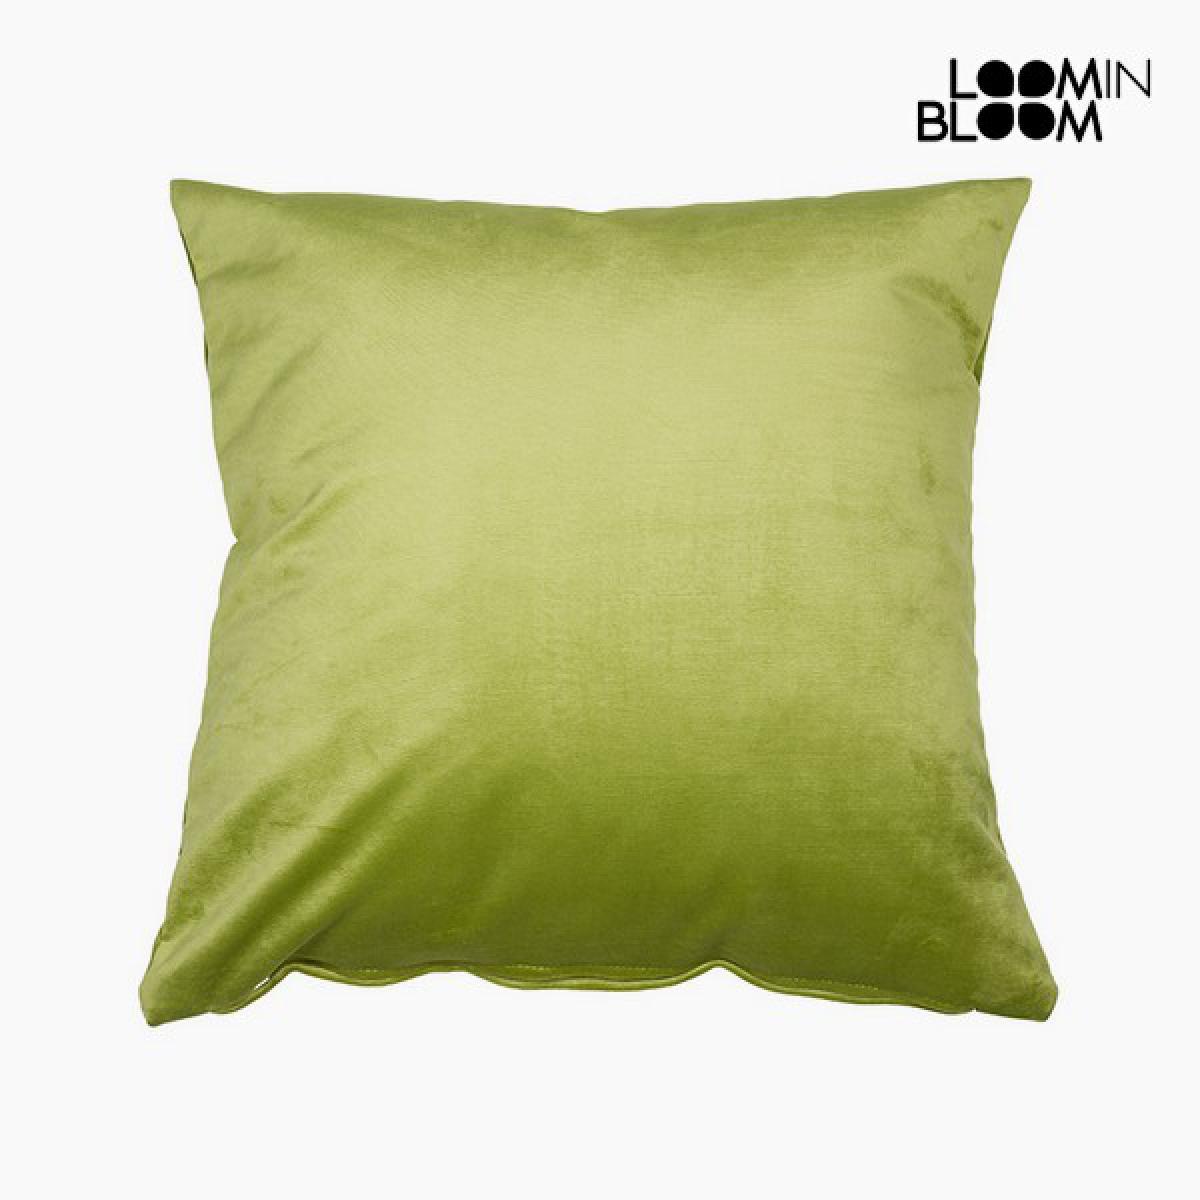 Totalcadeau Coussin carré couleur pistache (45 x 45 x 10 cm) - Coussins décoration canapé deco maison Pas cher